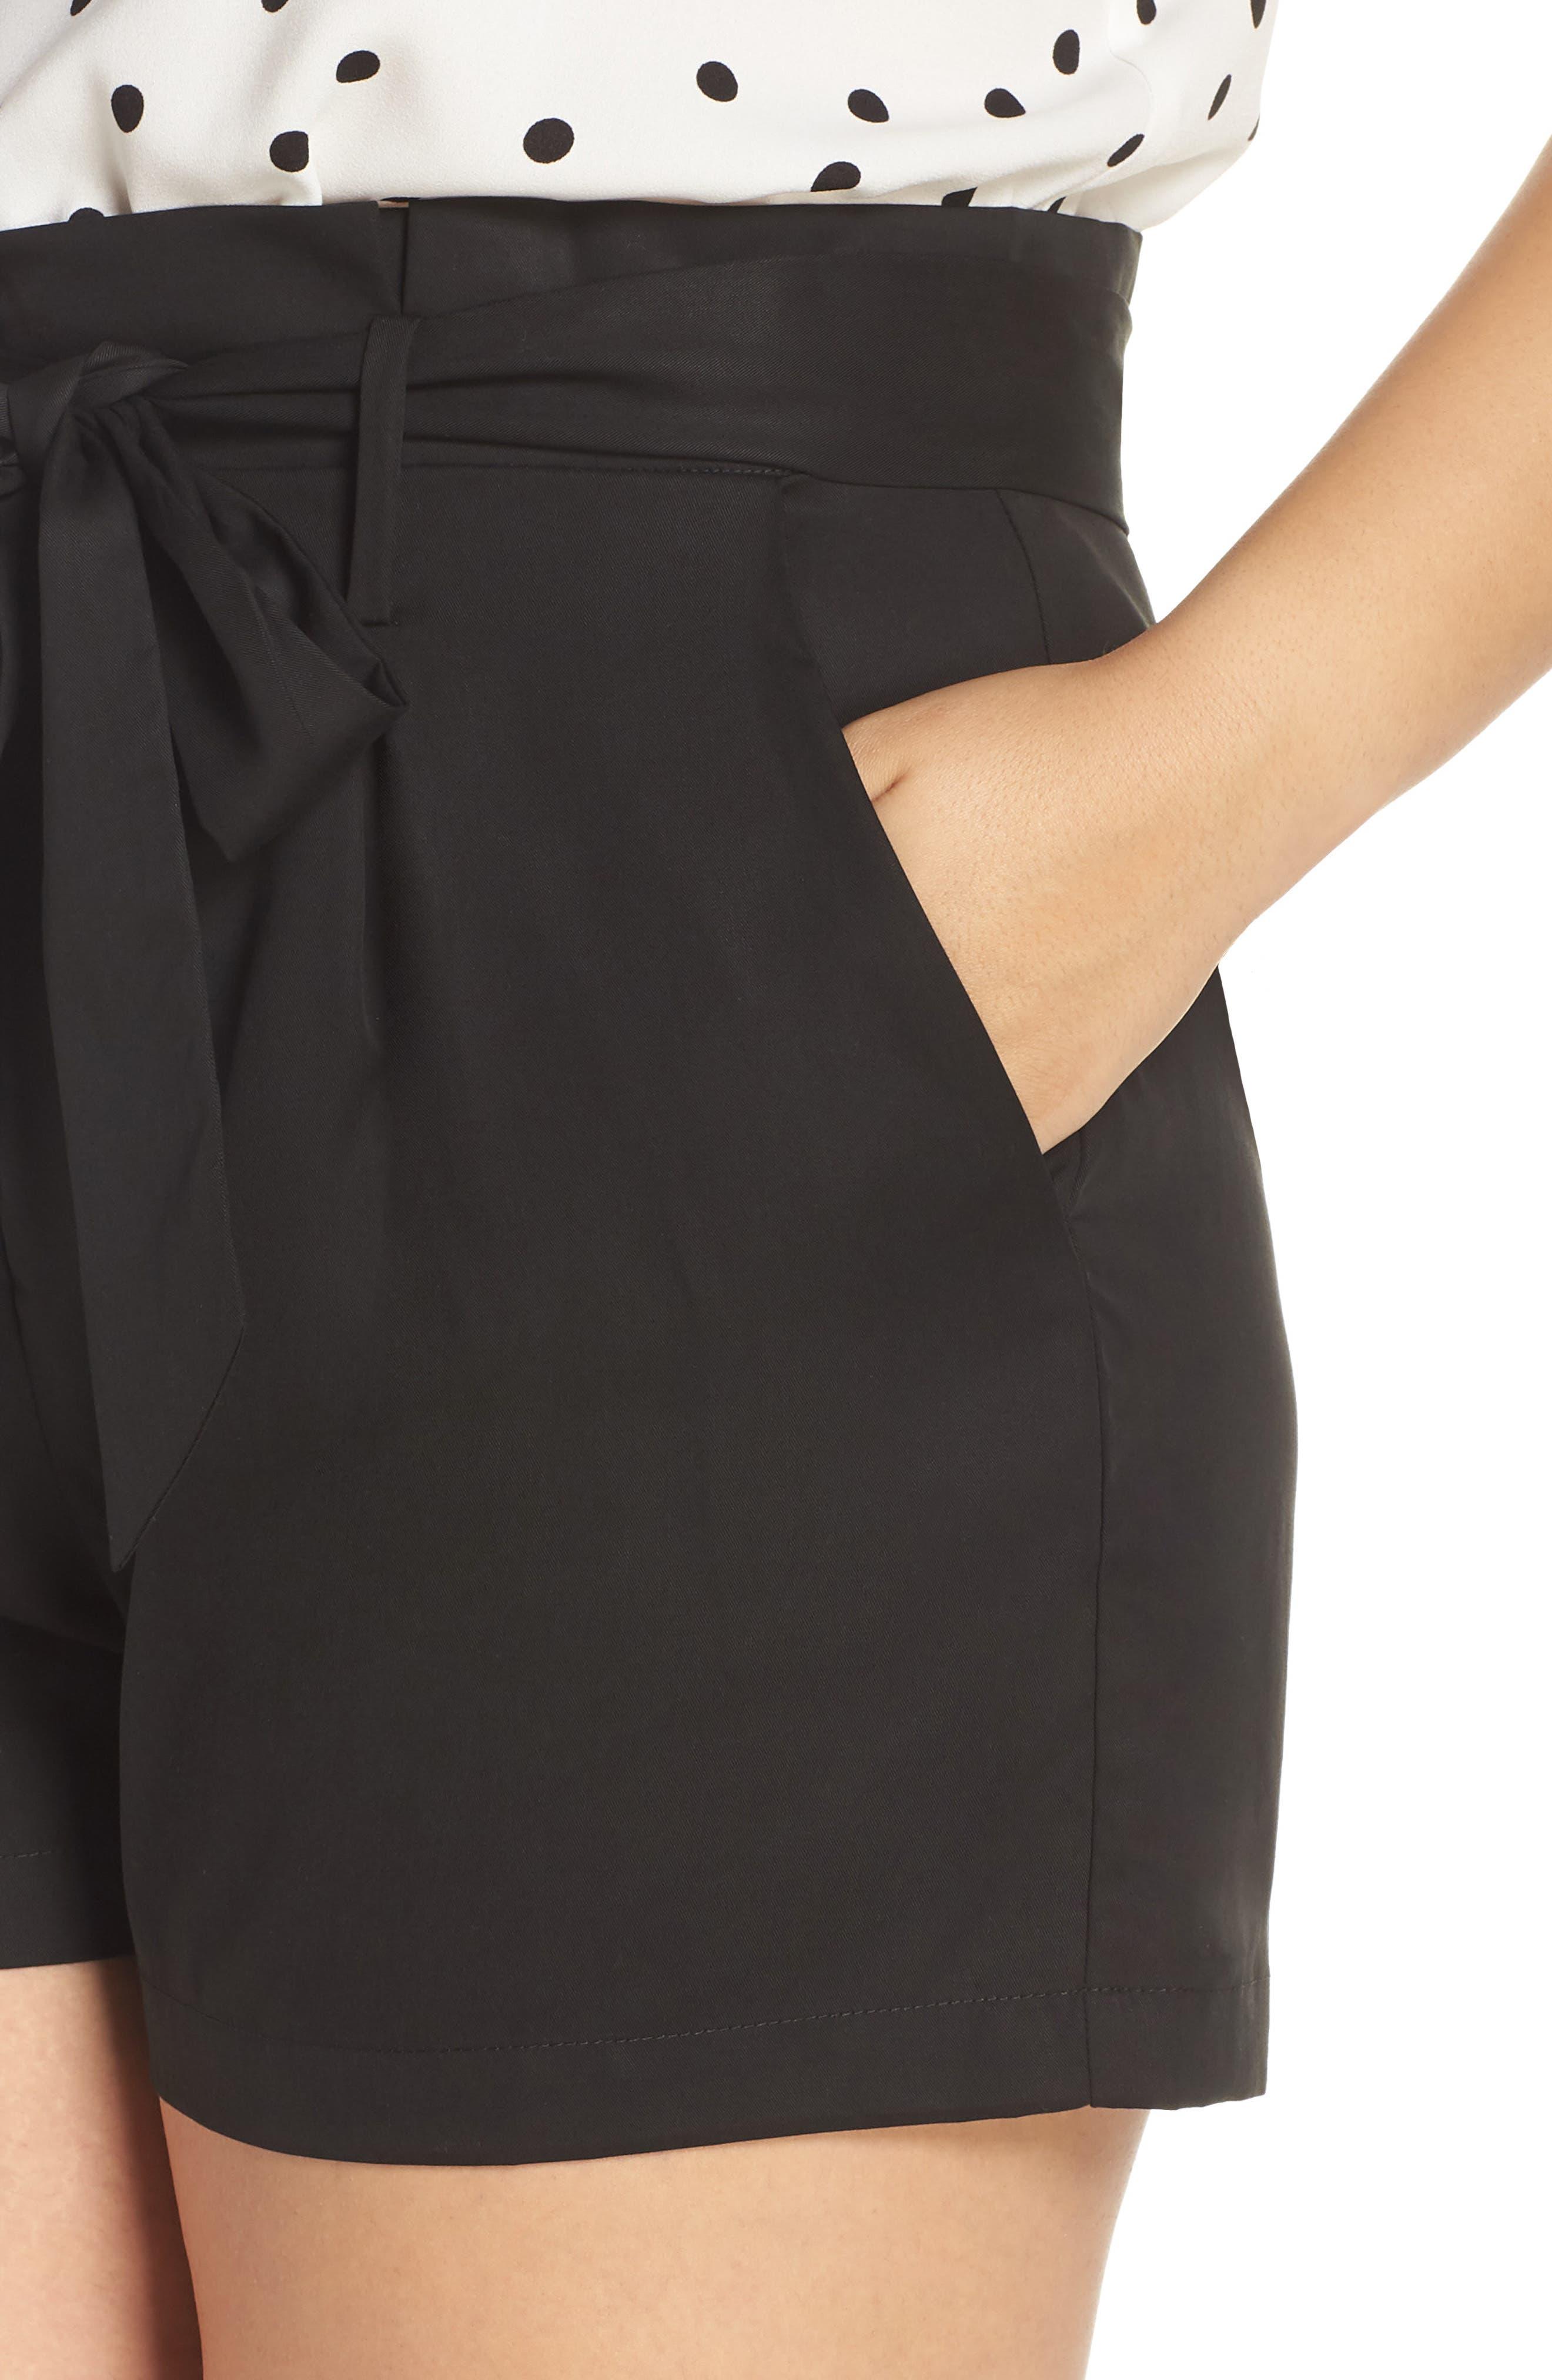 Tie Front Shorts,                             Alternate thumbnail 10, color,                             BLACK